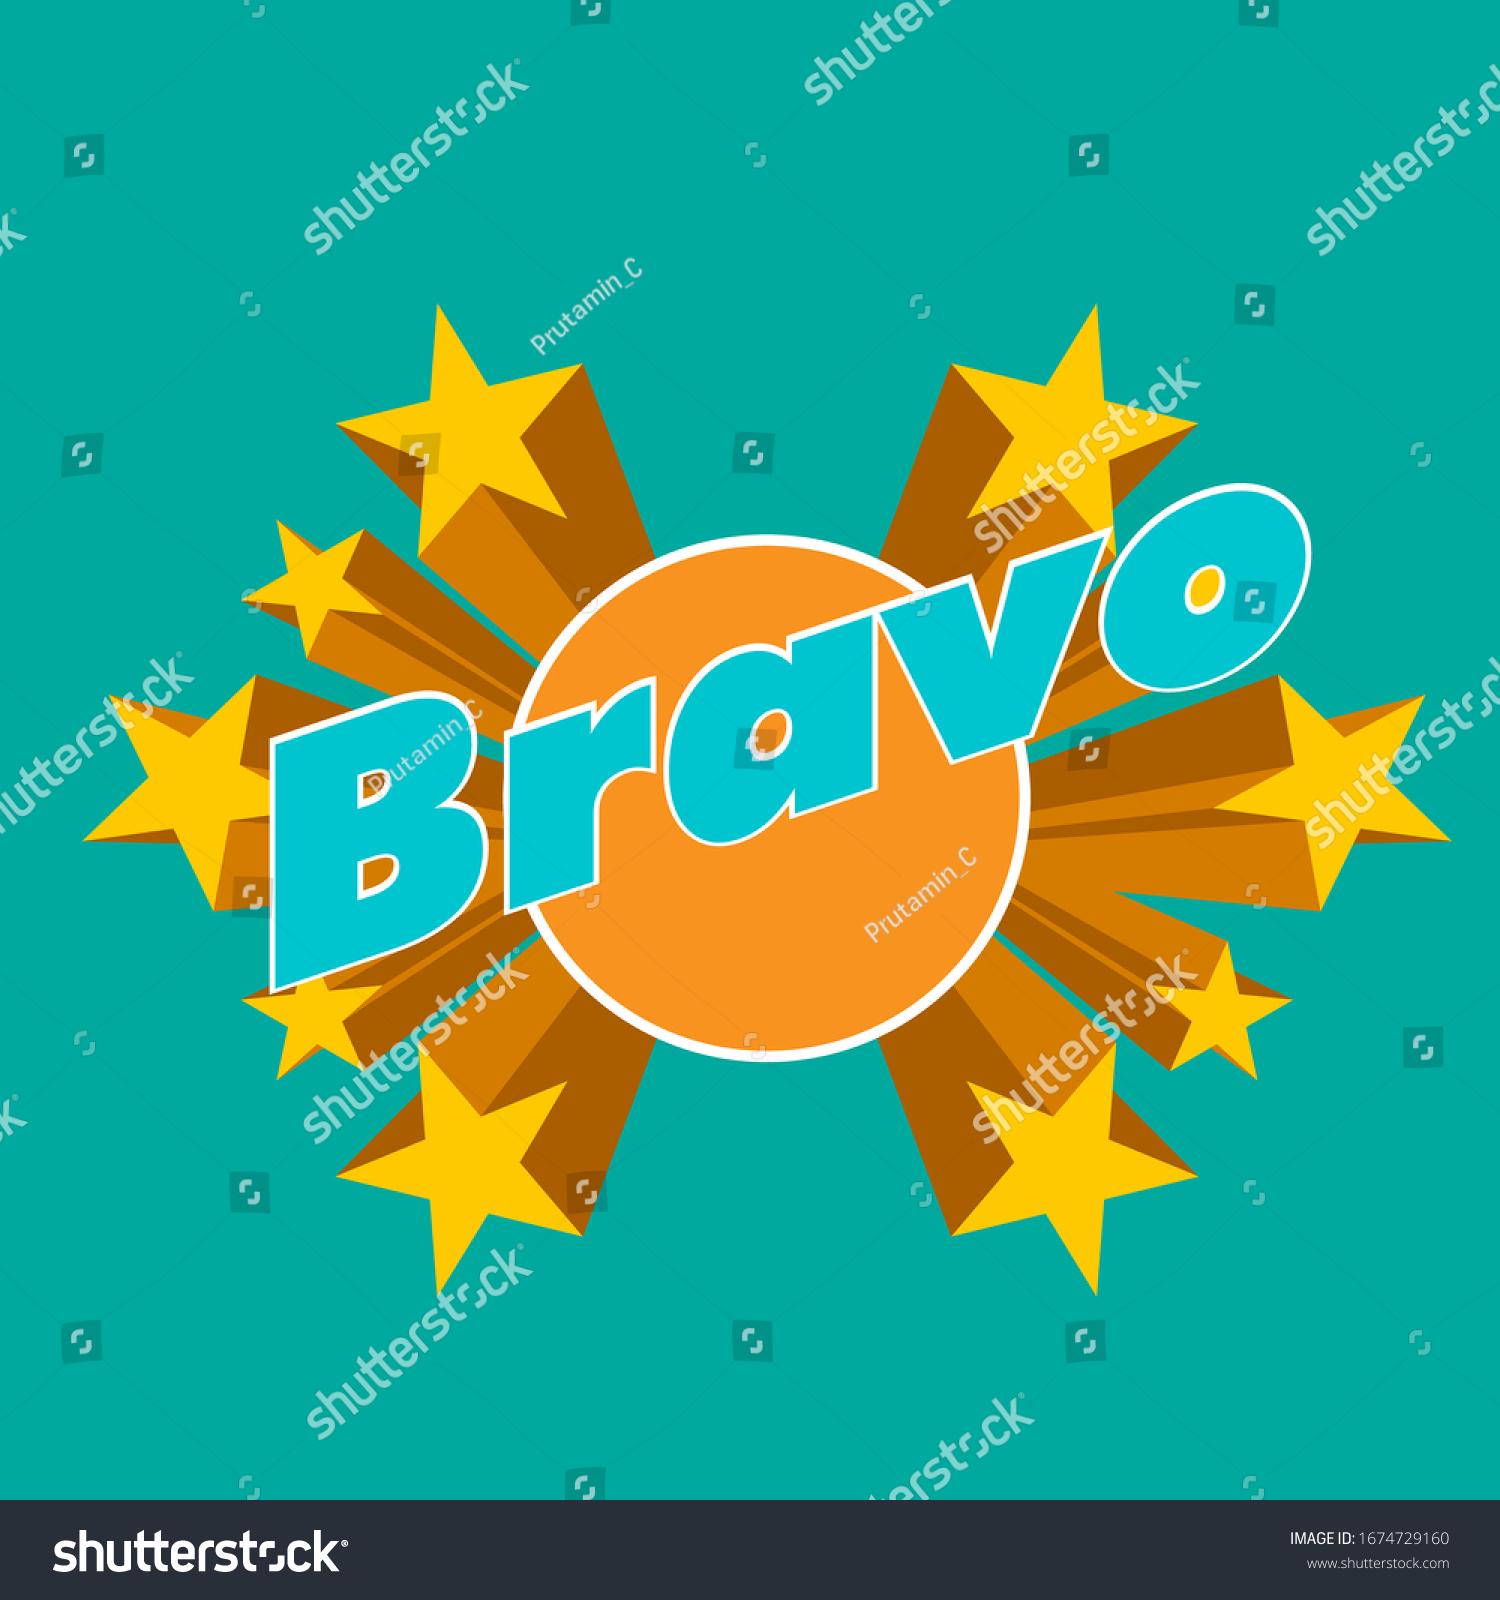 bravo ist ein gemeines Gratel, schöner Grußkartenhintergrund oder Template Banner mit Sternthema. Vektorillustration-Design-Illustration